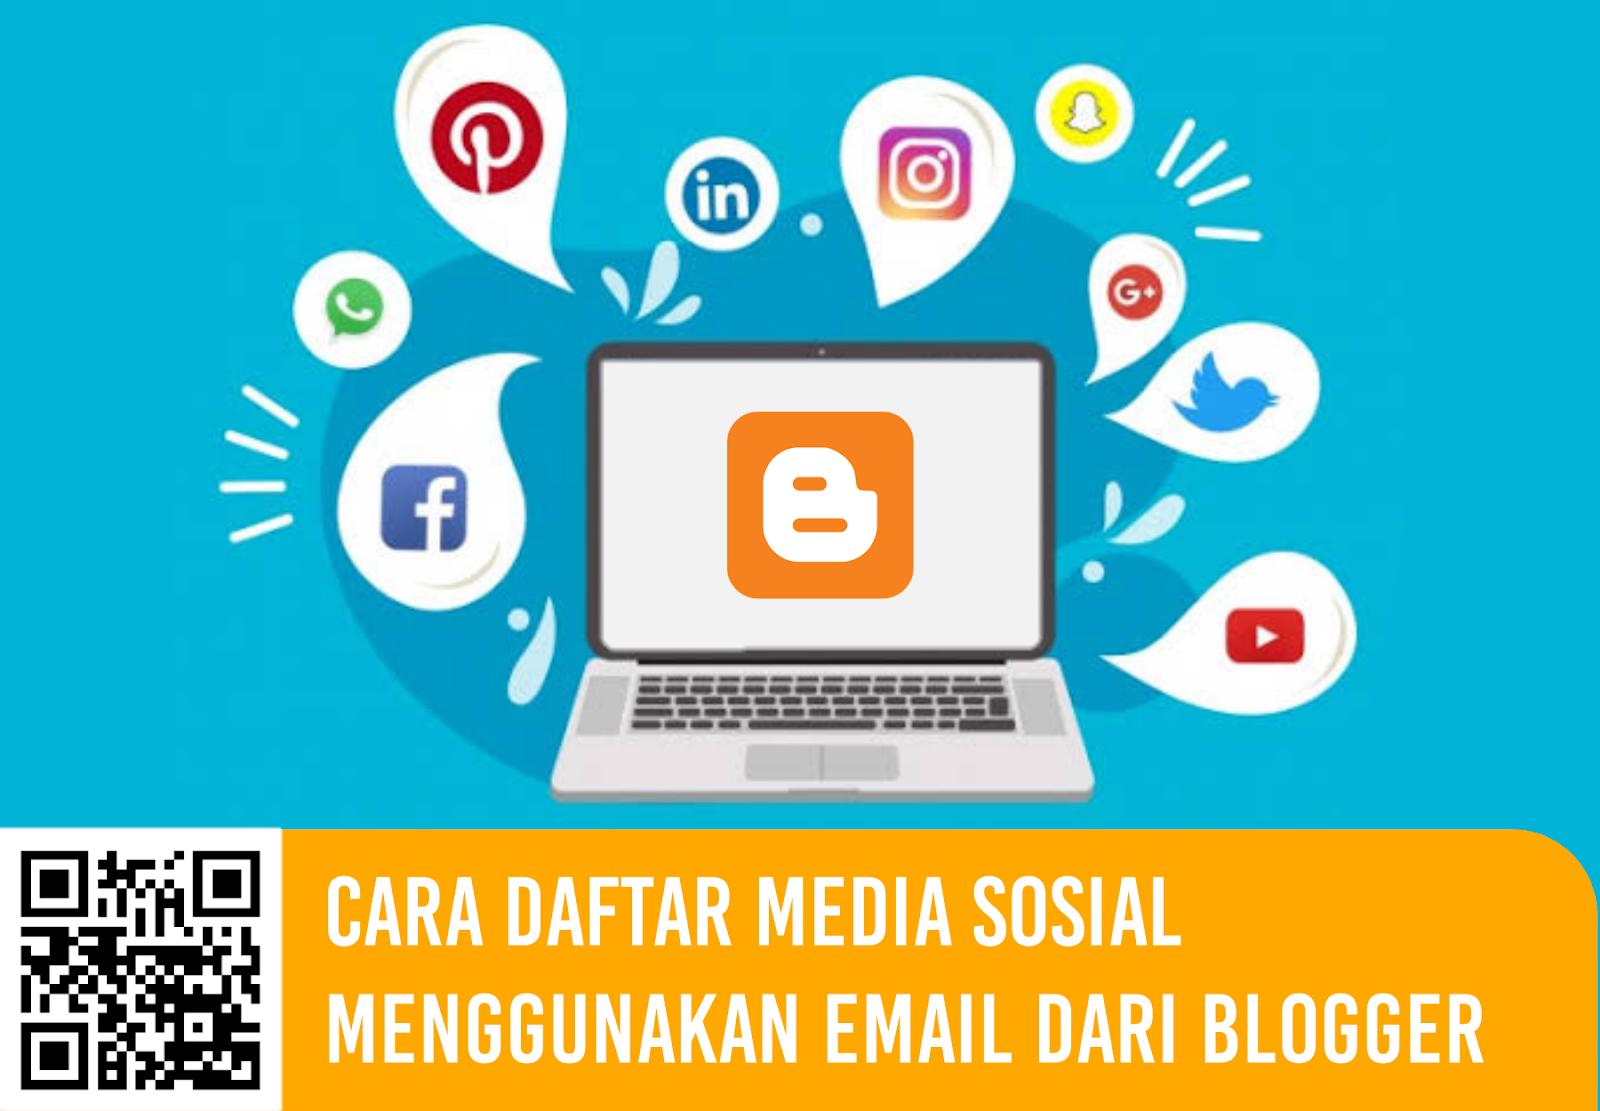 Cara Daftar Media Sosial Menggunakan Email dari Blogger